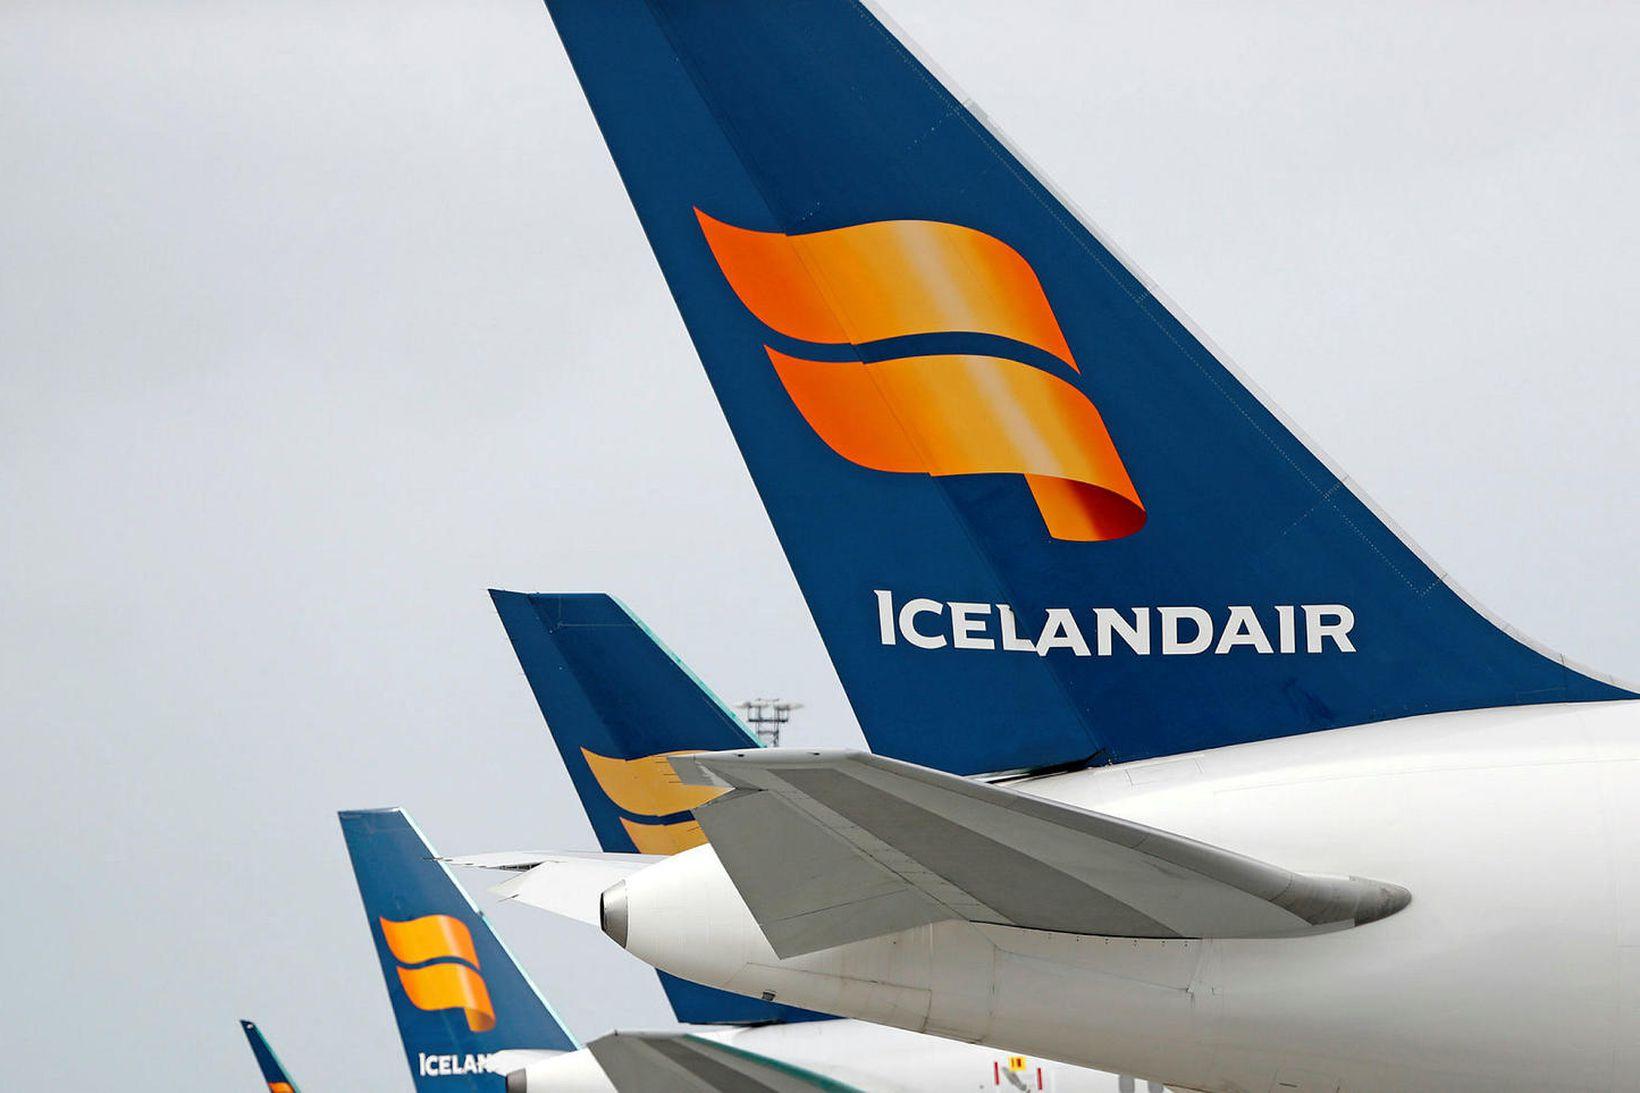 Staða Icelandair varð flóknari eftir að flugfreyjur felldu kjarasamning í …